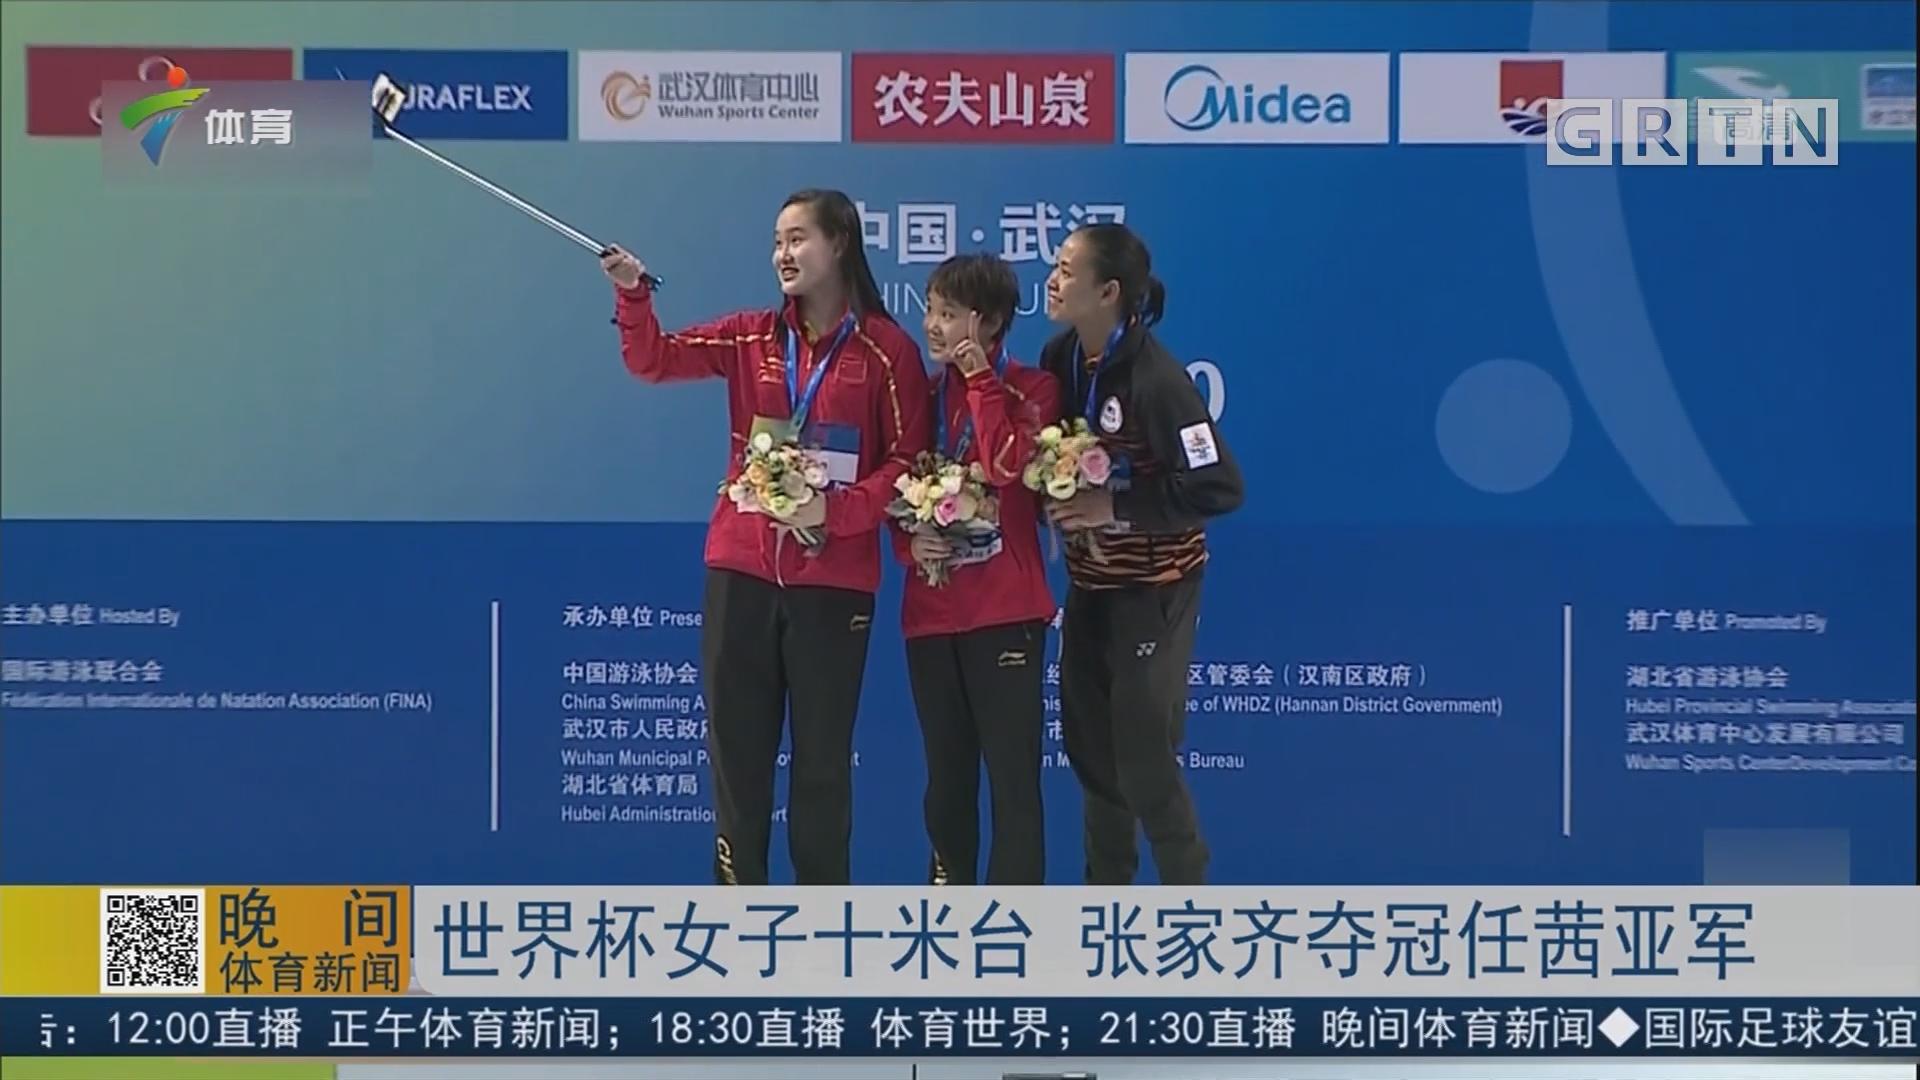 世界杯女子十米台 张家齐夺冠任茜亚军